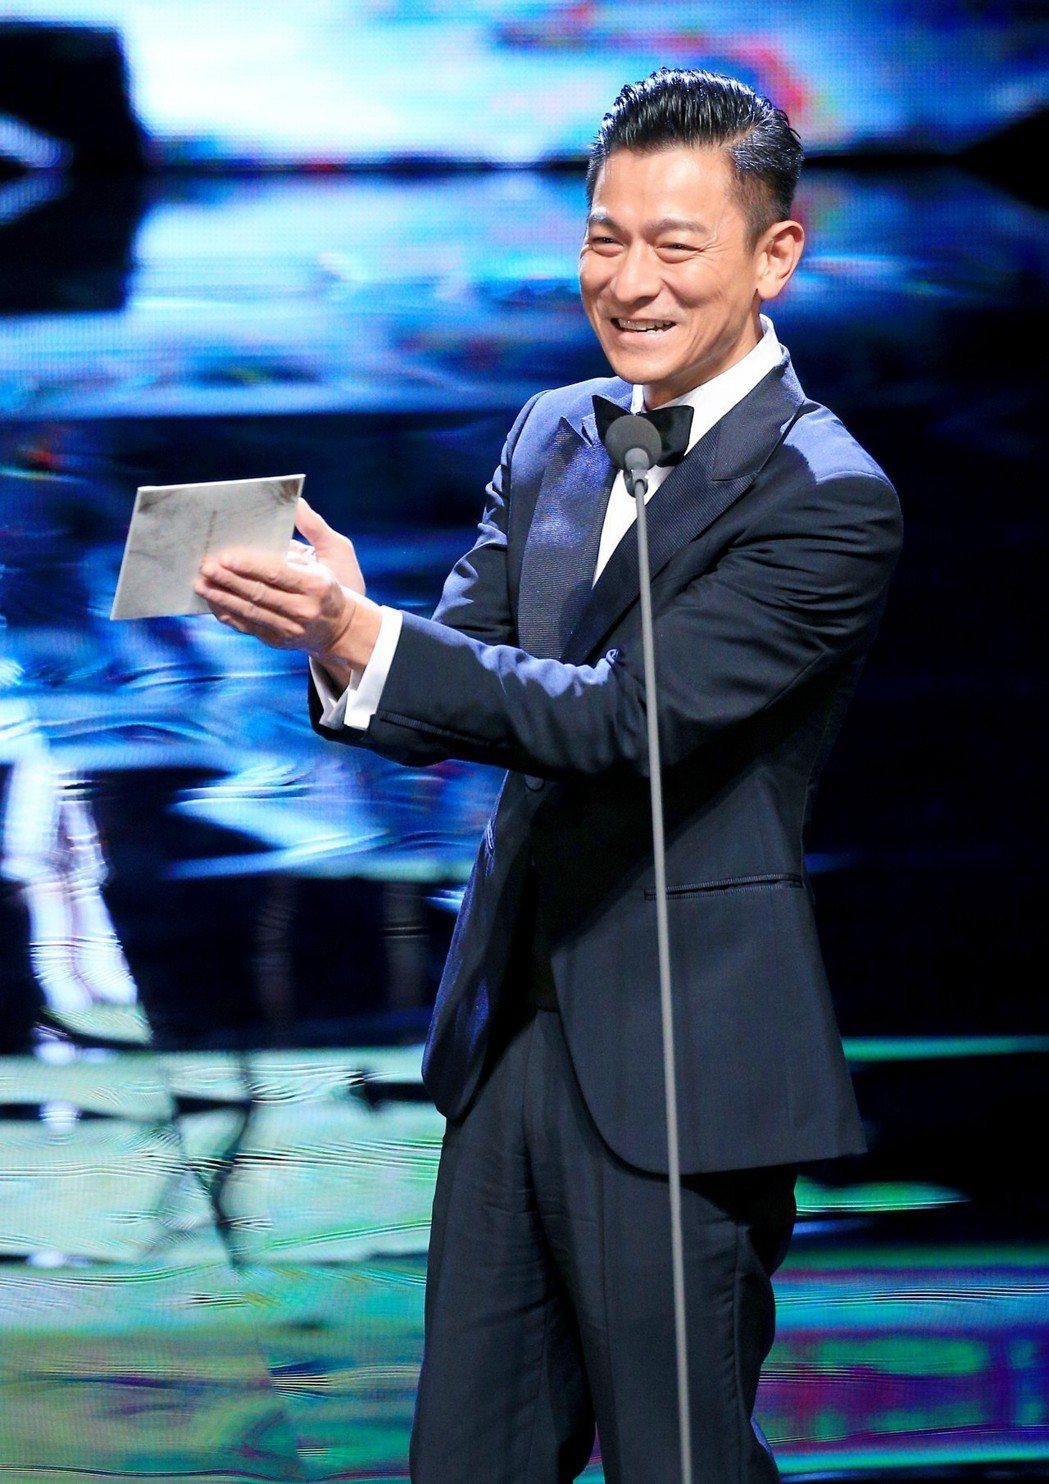 第55屆金馬獎頒獎典禮,劉德華擔任頒獎人。記者林伯東/攝影